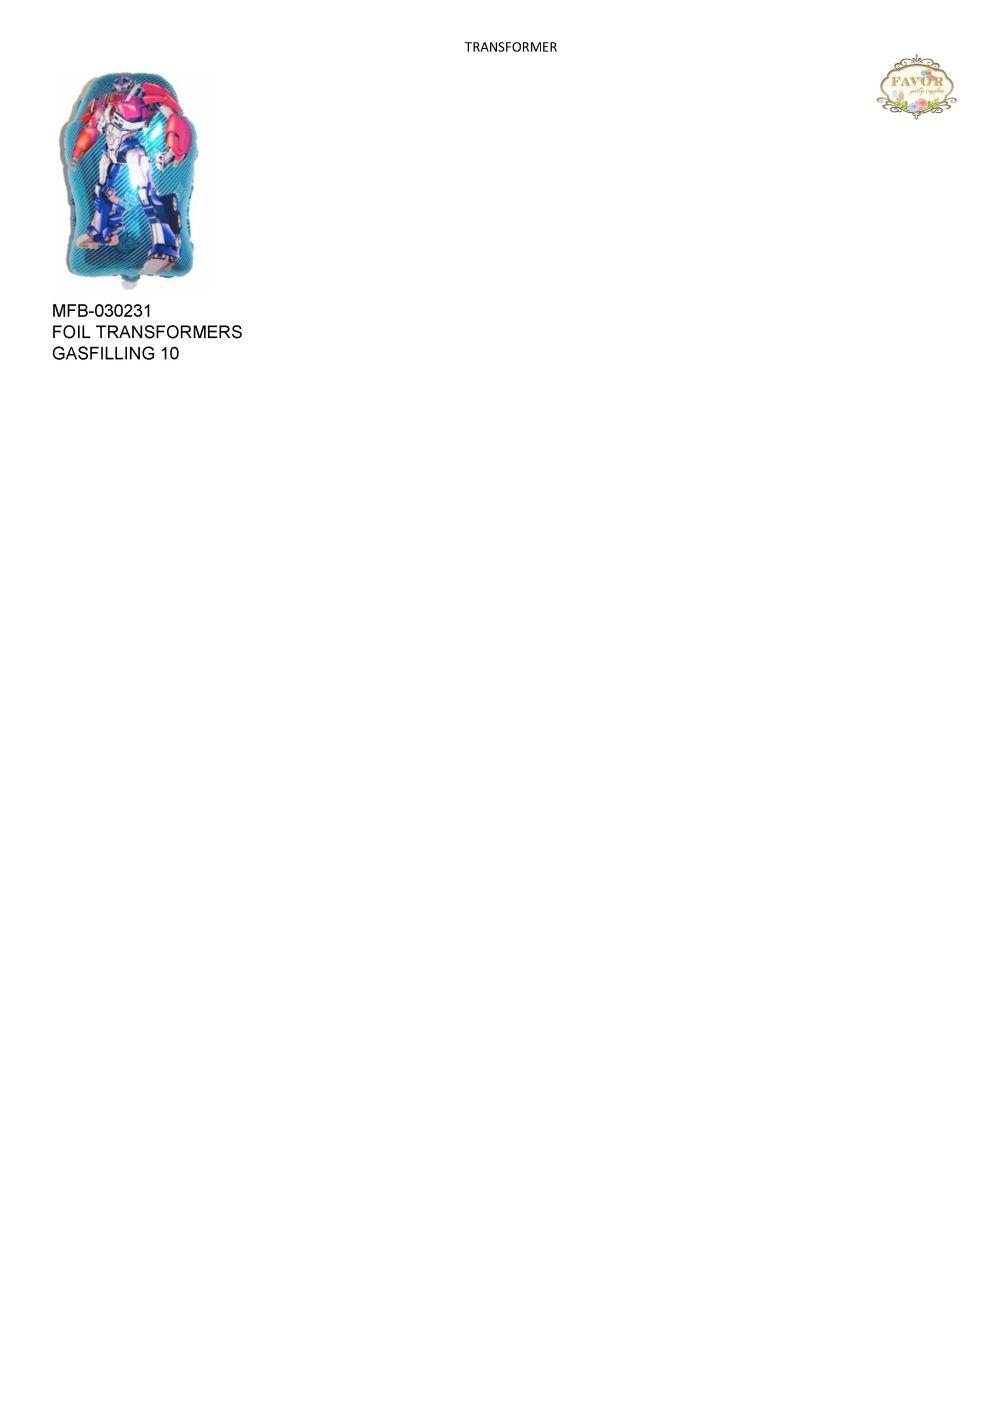 katalog transformer.jpg